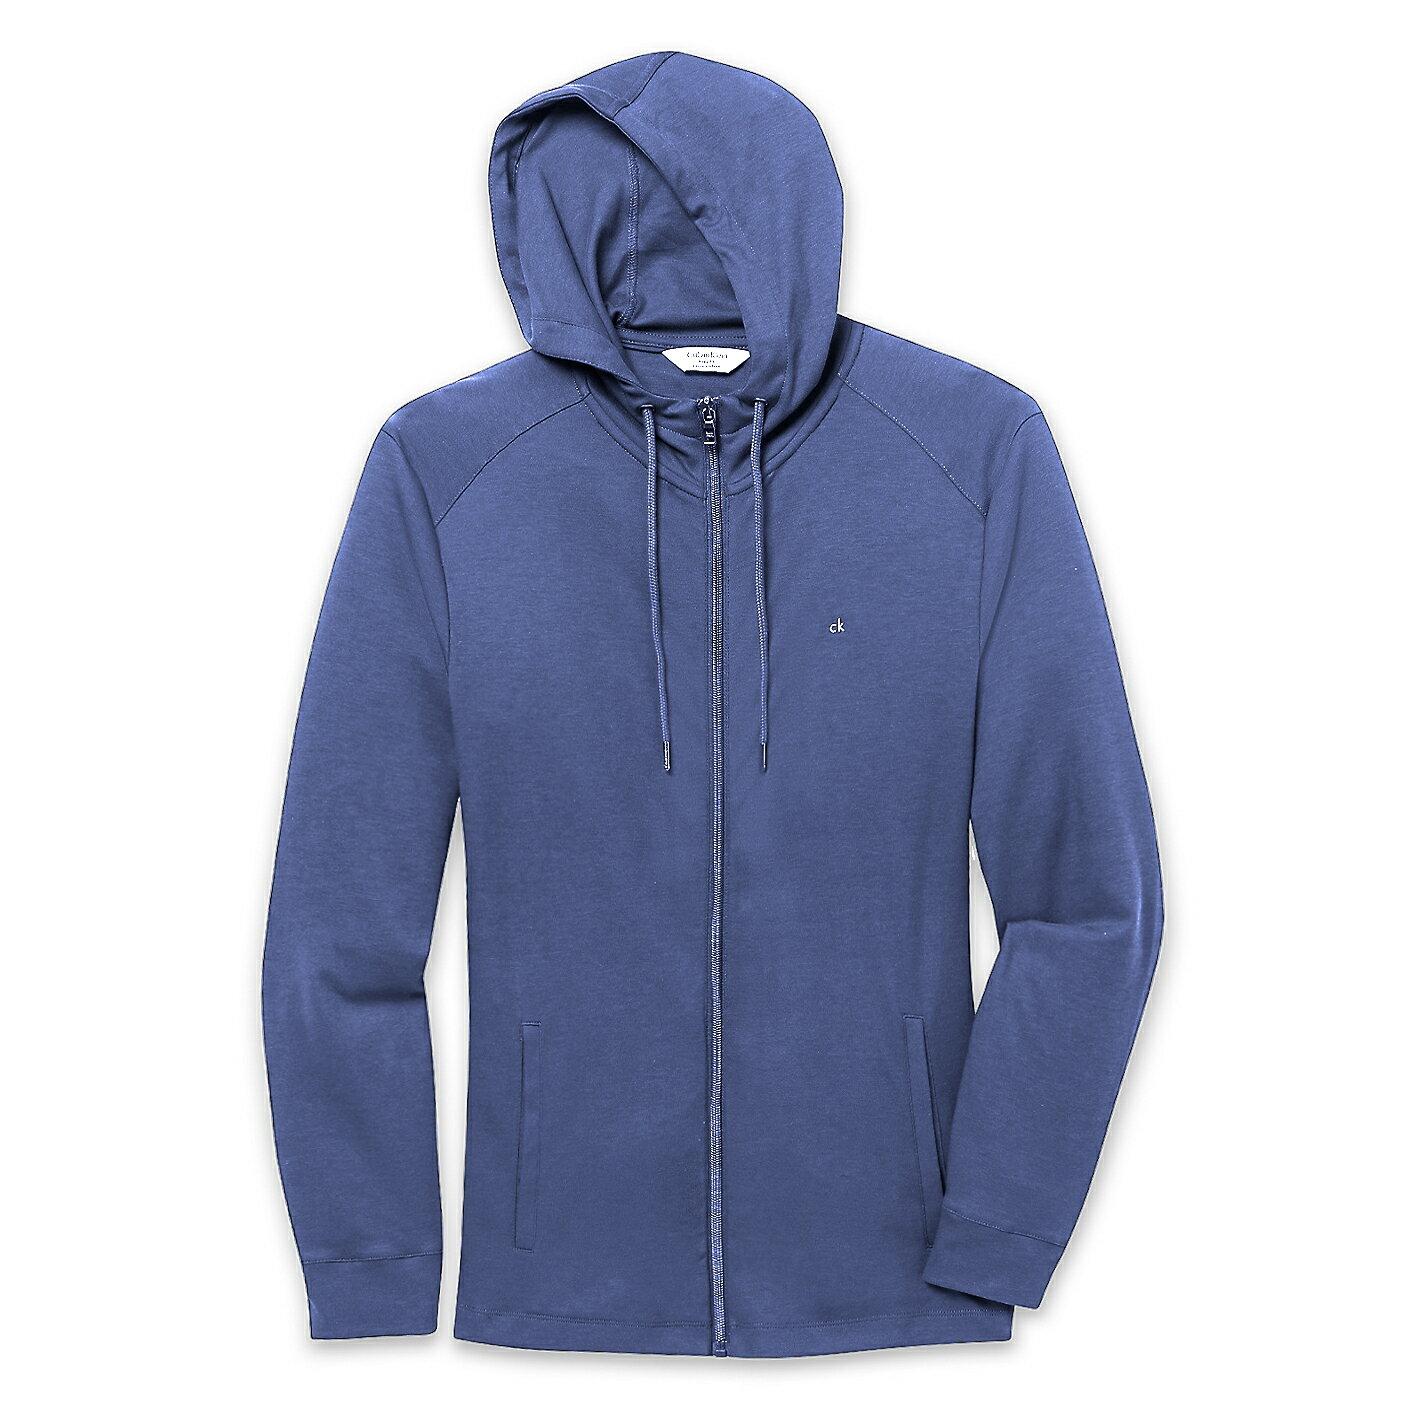 美國百分百【全新真品】Calvin Klein 外套 CK 夾克 薄 連帽 合身 灰 藍色 男 M號 E450